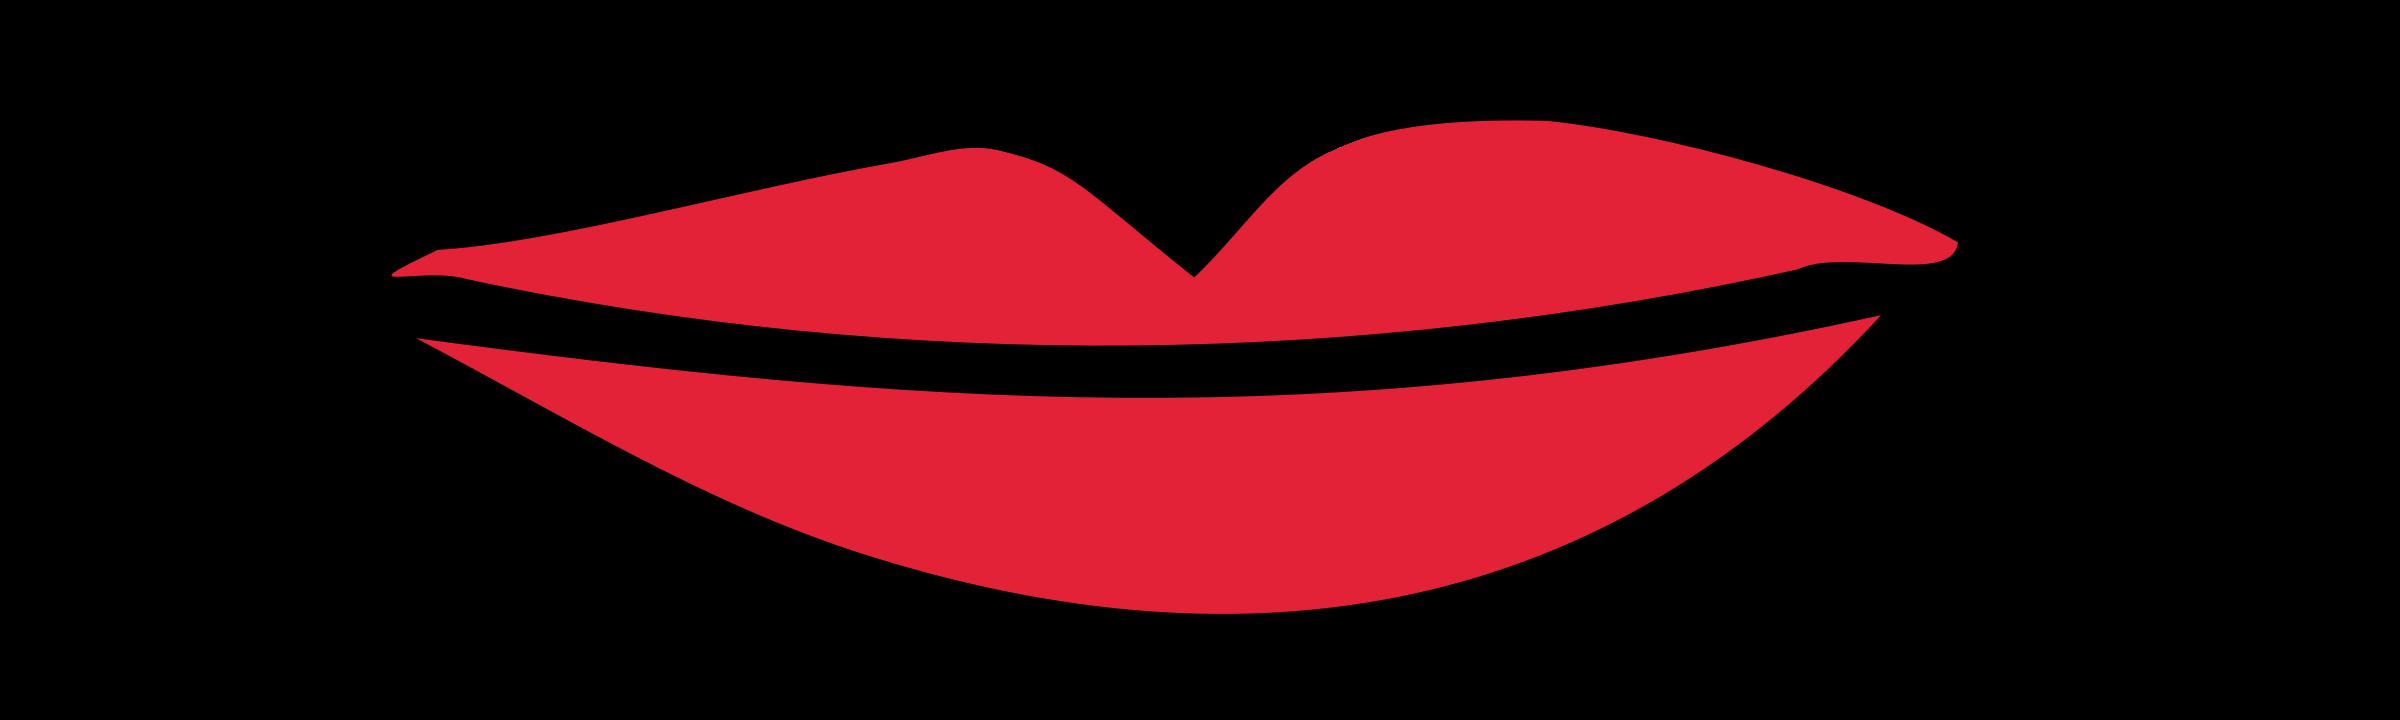 2400x720 Quiet Mouth Smile Clip Art Free Clipart Images